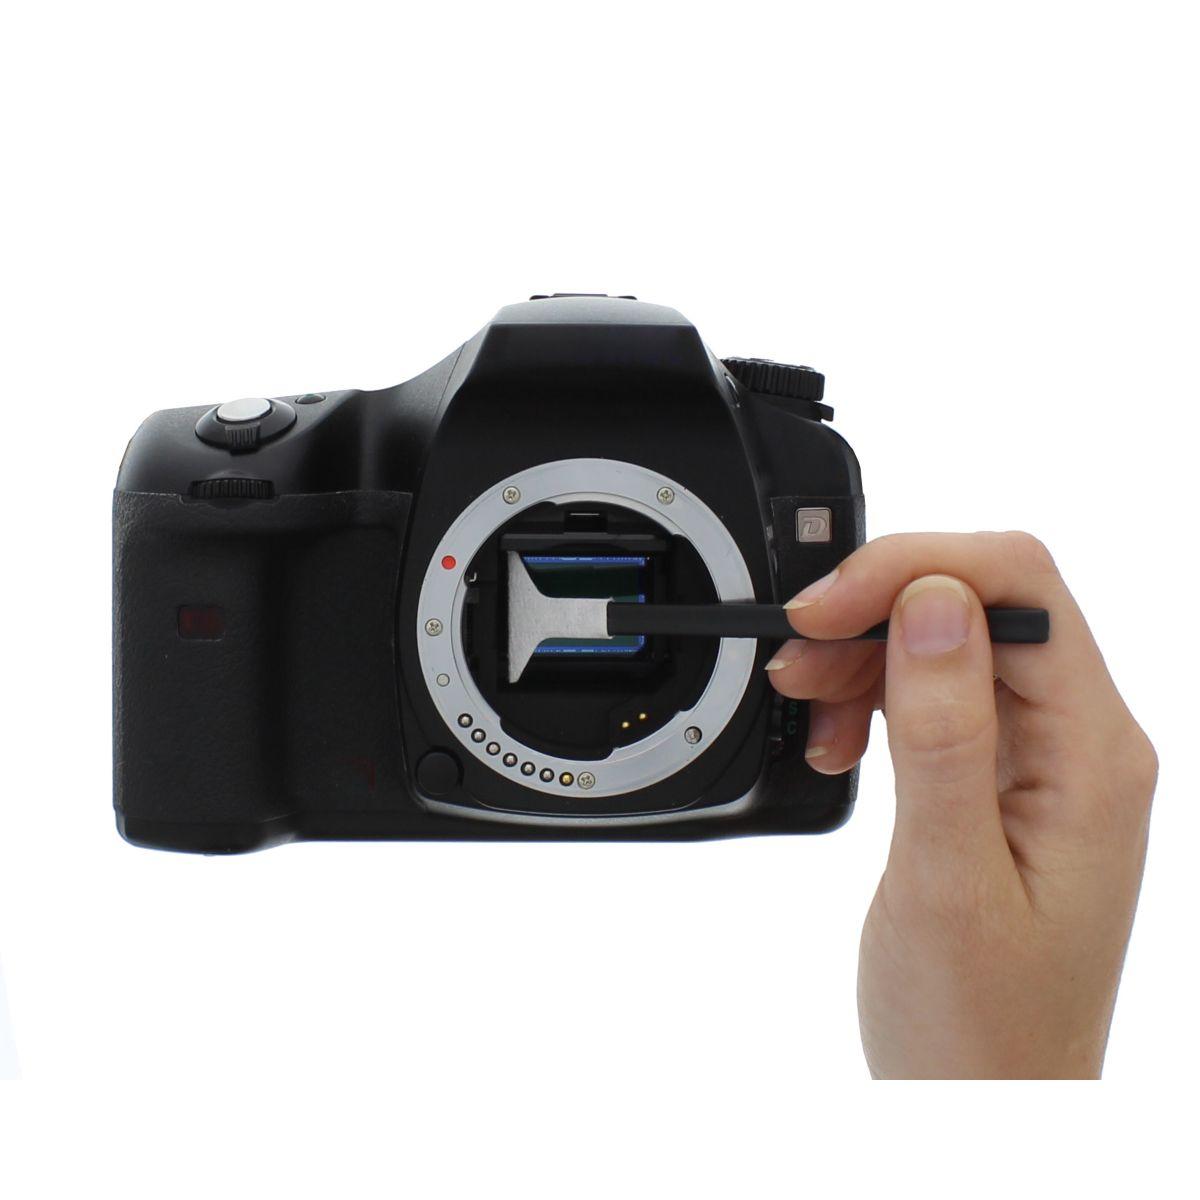 Nettoyage optique tnb nettoyeur capteur 24mm - 15% de remise imm�diate avec le code : de